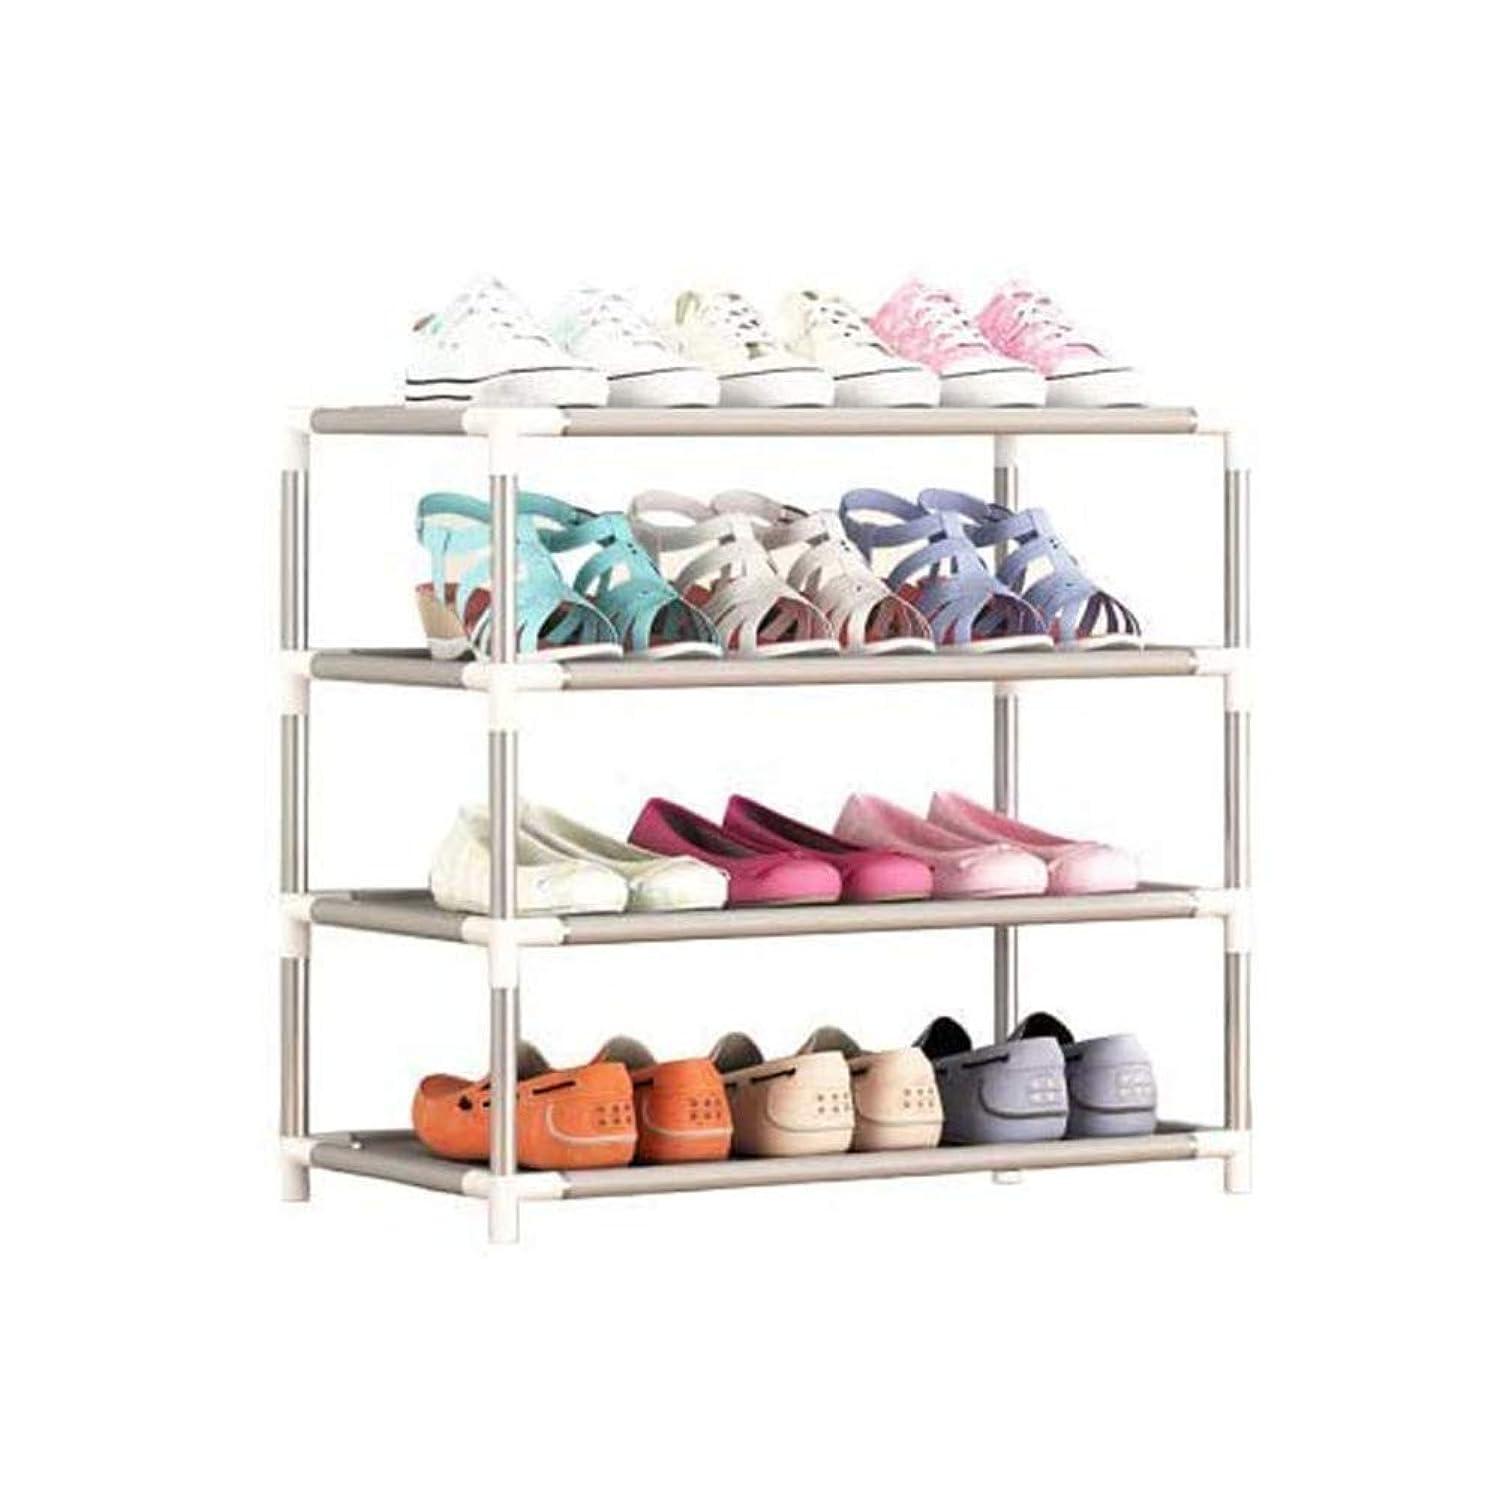 修羅場平方引き出すTIANYOU 靴箱 4階 シューズラック 保管棚 ストレージオーガナイザー スタッカブル 靴オーガナイザー 洋服ラック 組み立てが簡単 それは靴の12組を収容することができます Stapelbox